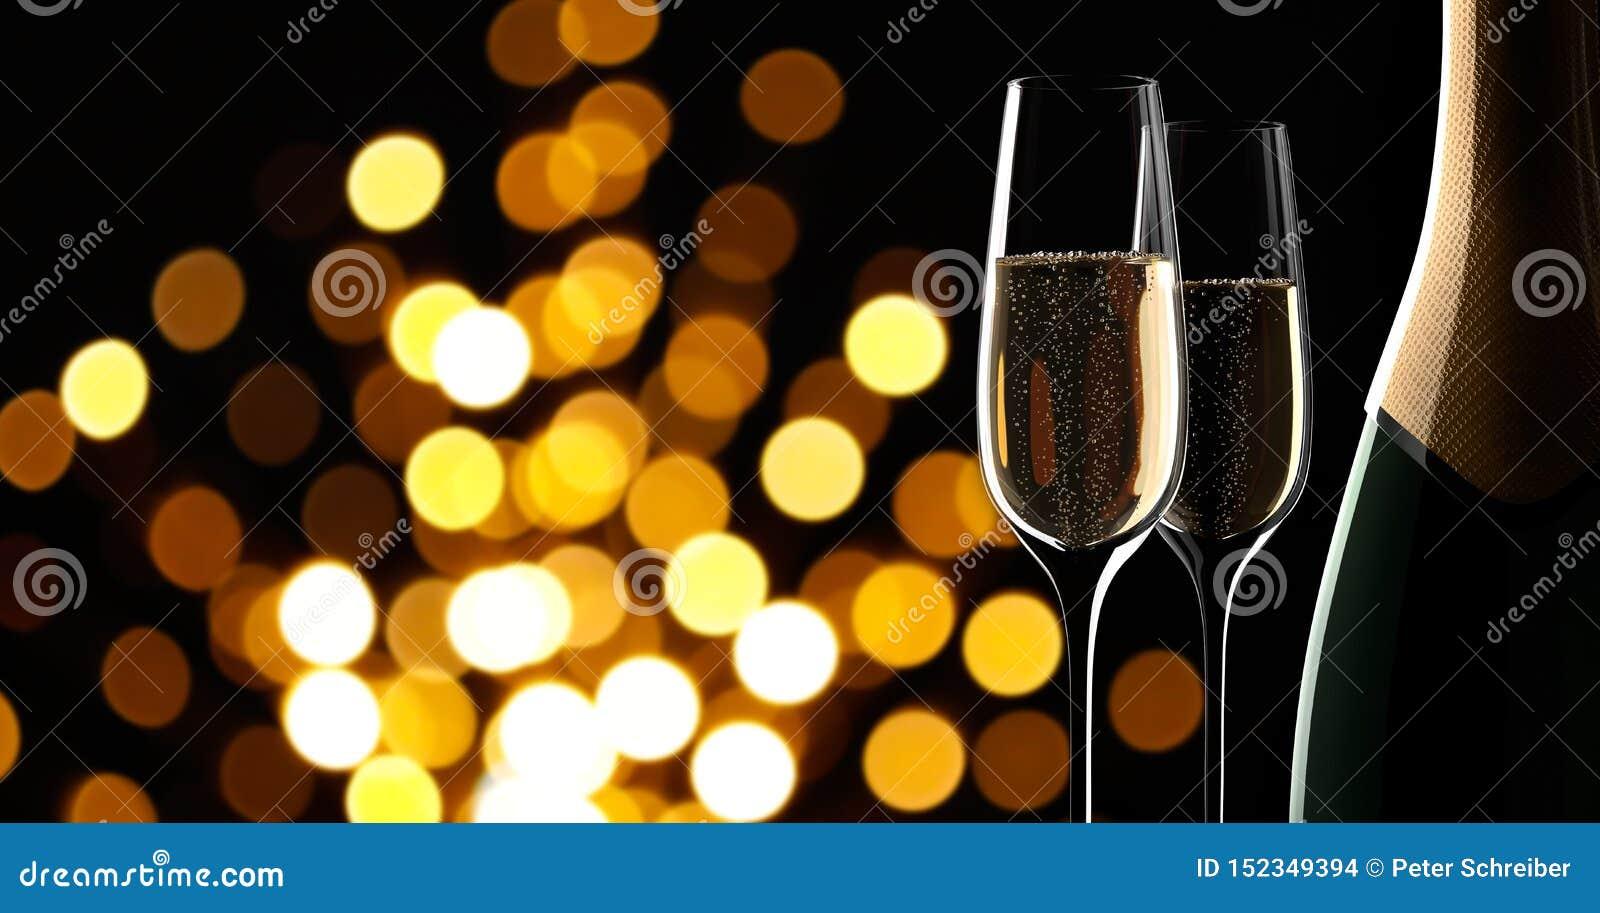 Bottiglia di champagne con due vetri